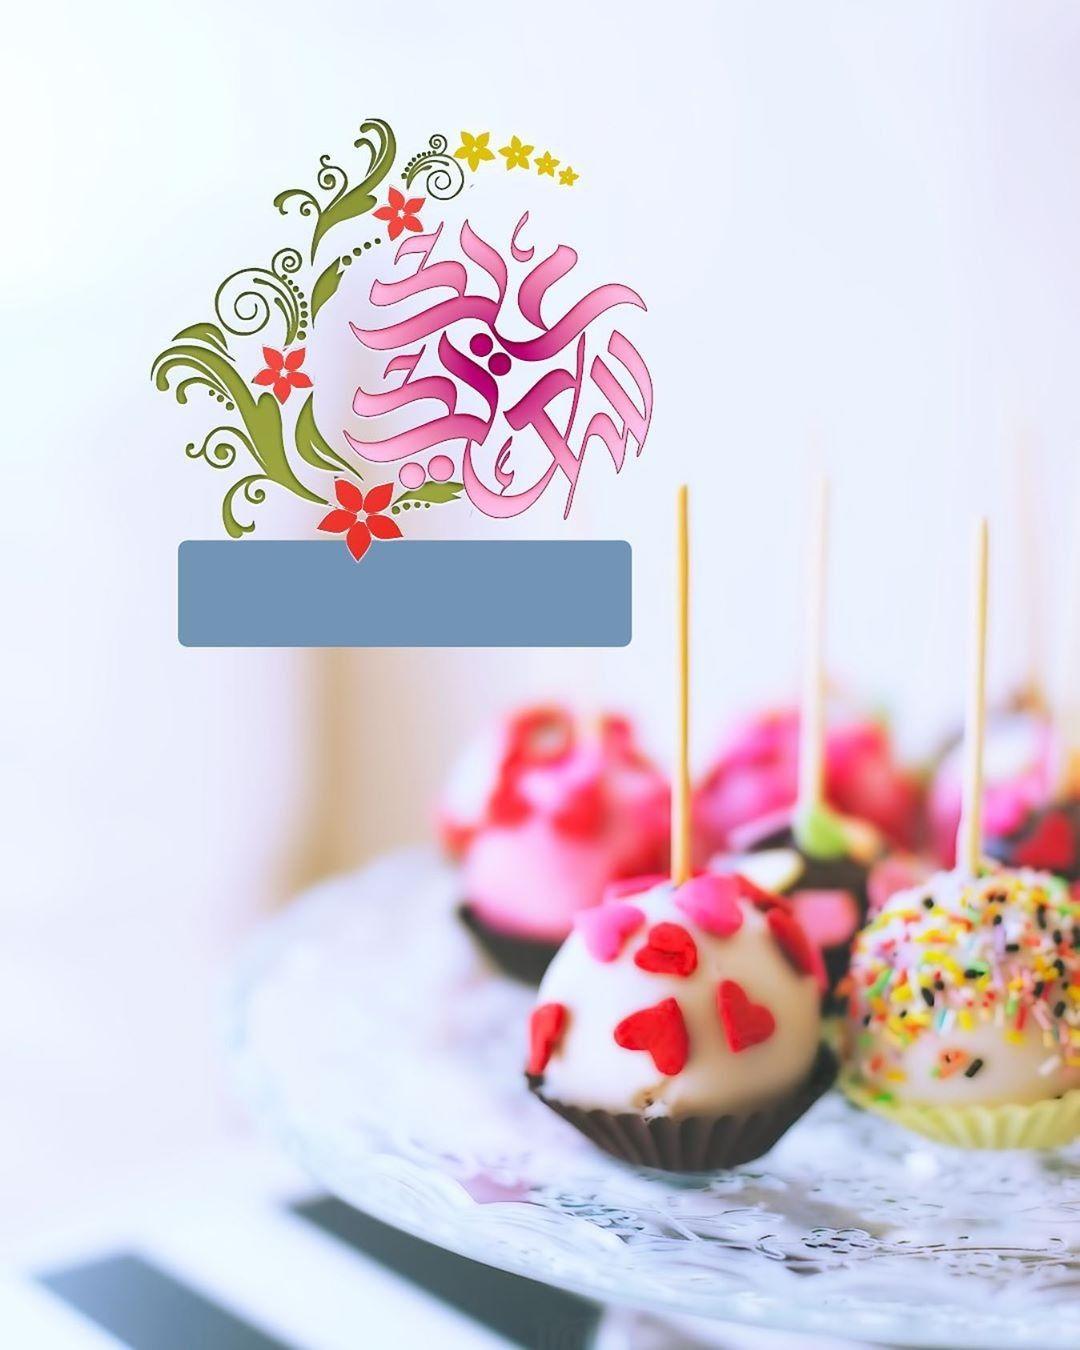 Pin By صورة و كلمة On عيد الفطر عيد الأضحى Eid Mubark Food Eid Mubarak Eid